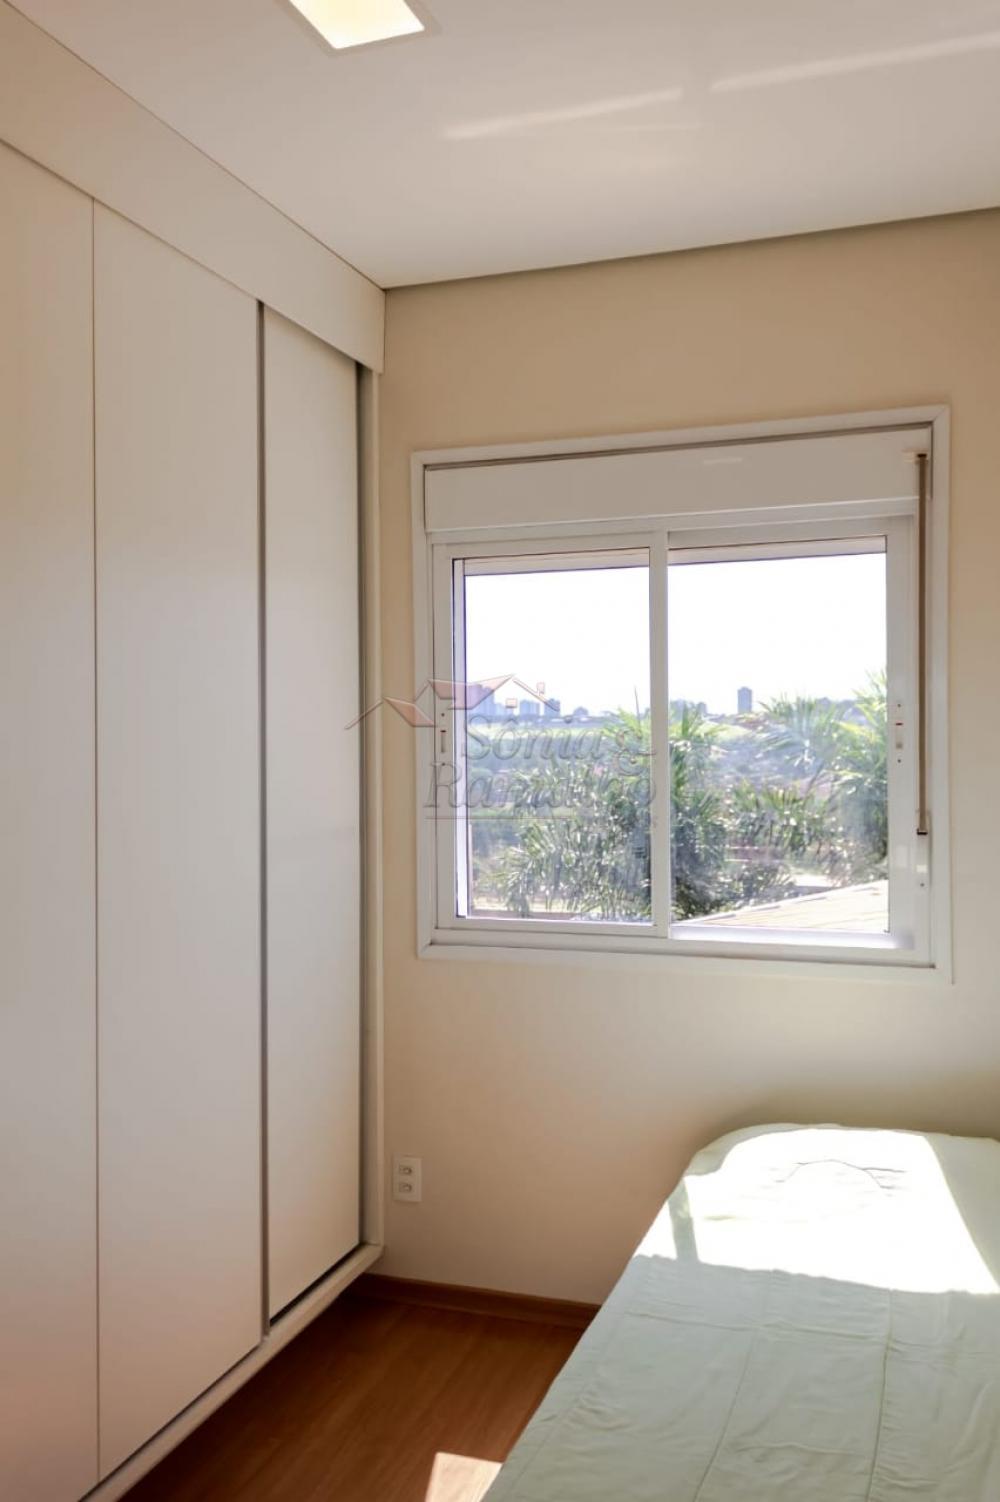 Comprar Casas / casa condominio em Ribeirão Preto apenas R$ 910.000,00 - Foto 13